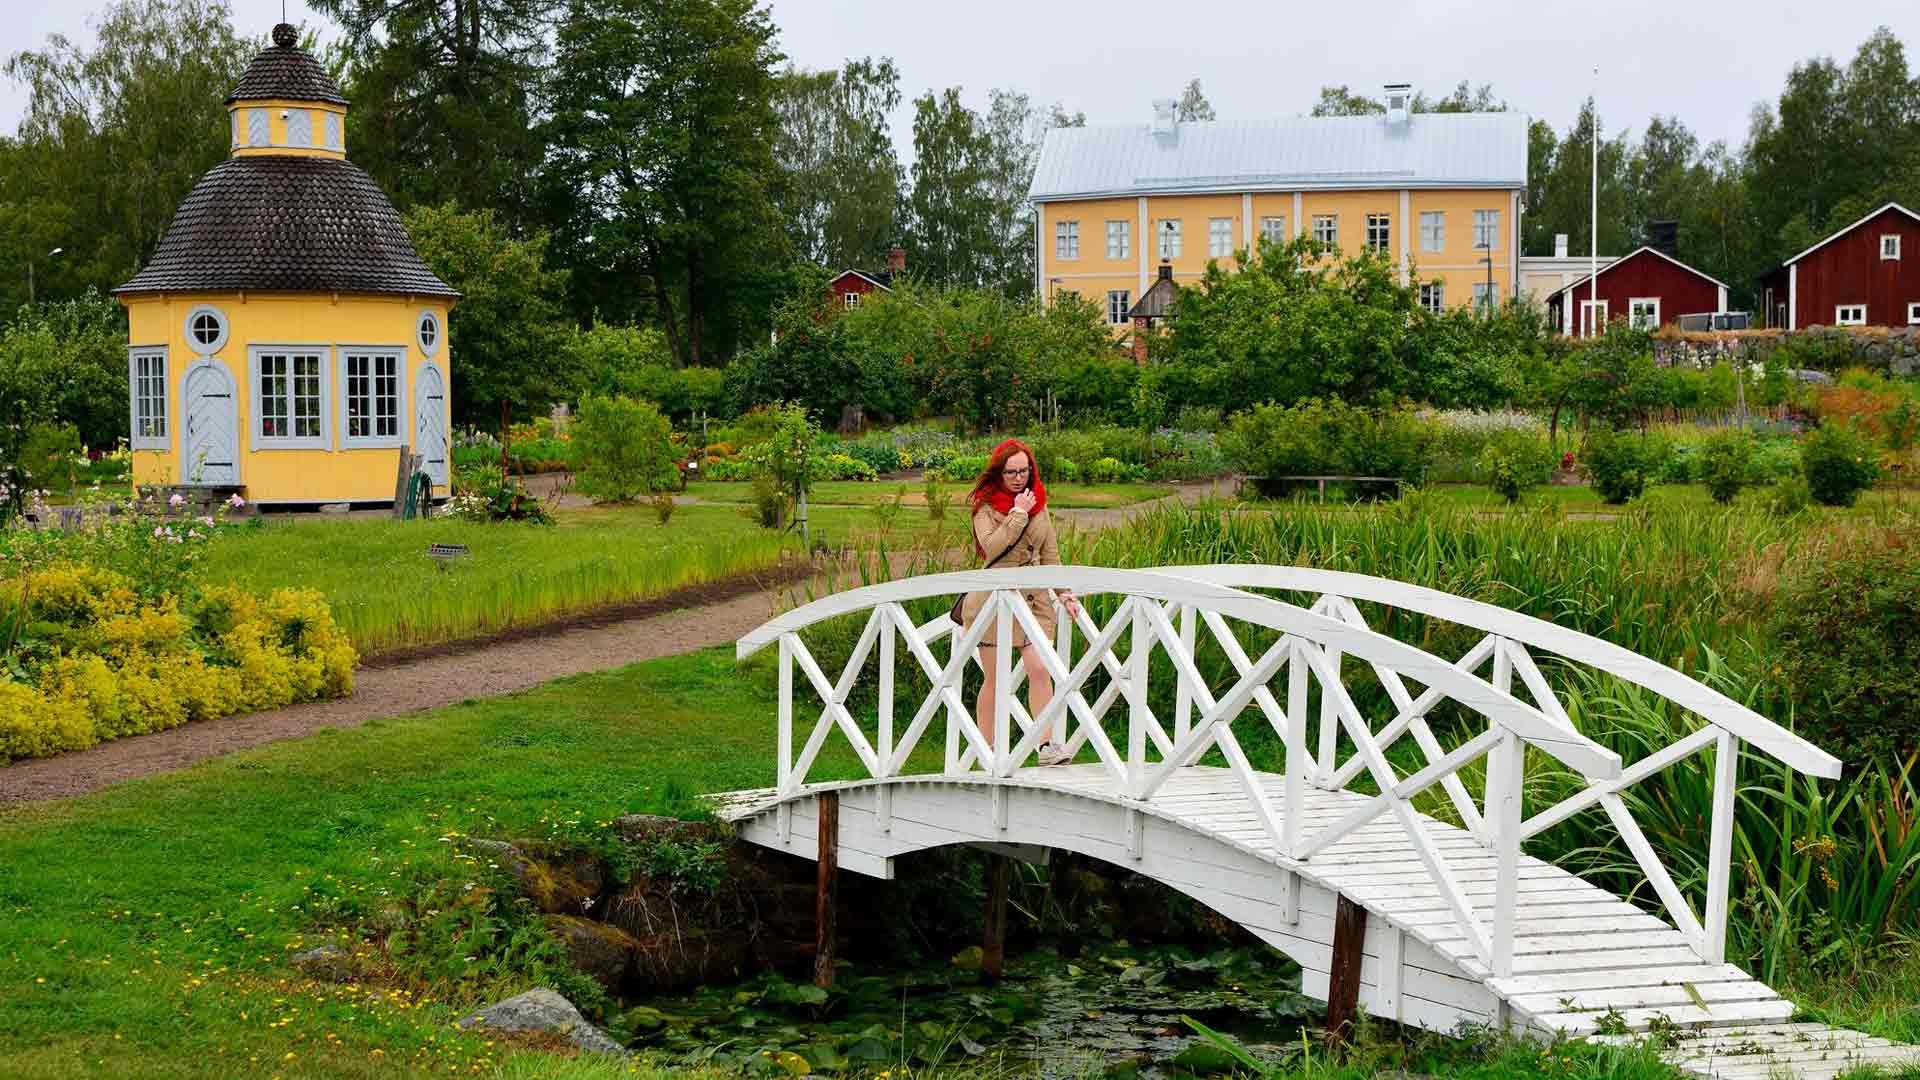 Rosenlundin pappilan geometrisen puutarhan rakennutti kirkkoherra Garbriel Aspegren 1700-luvulla.